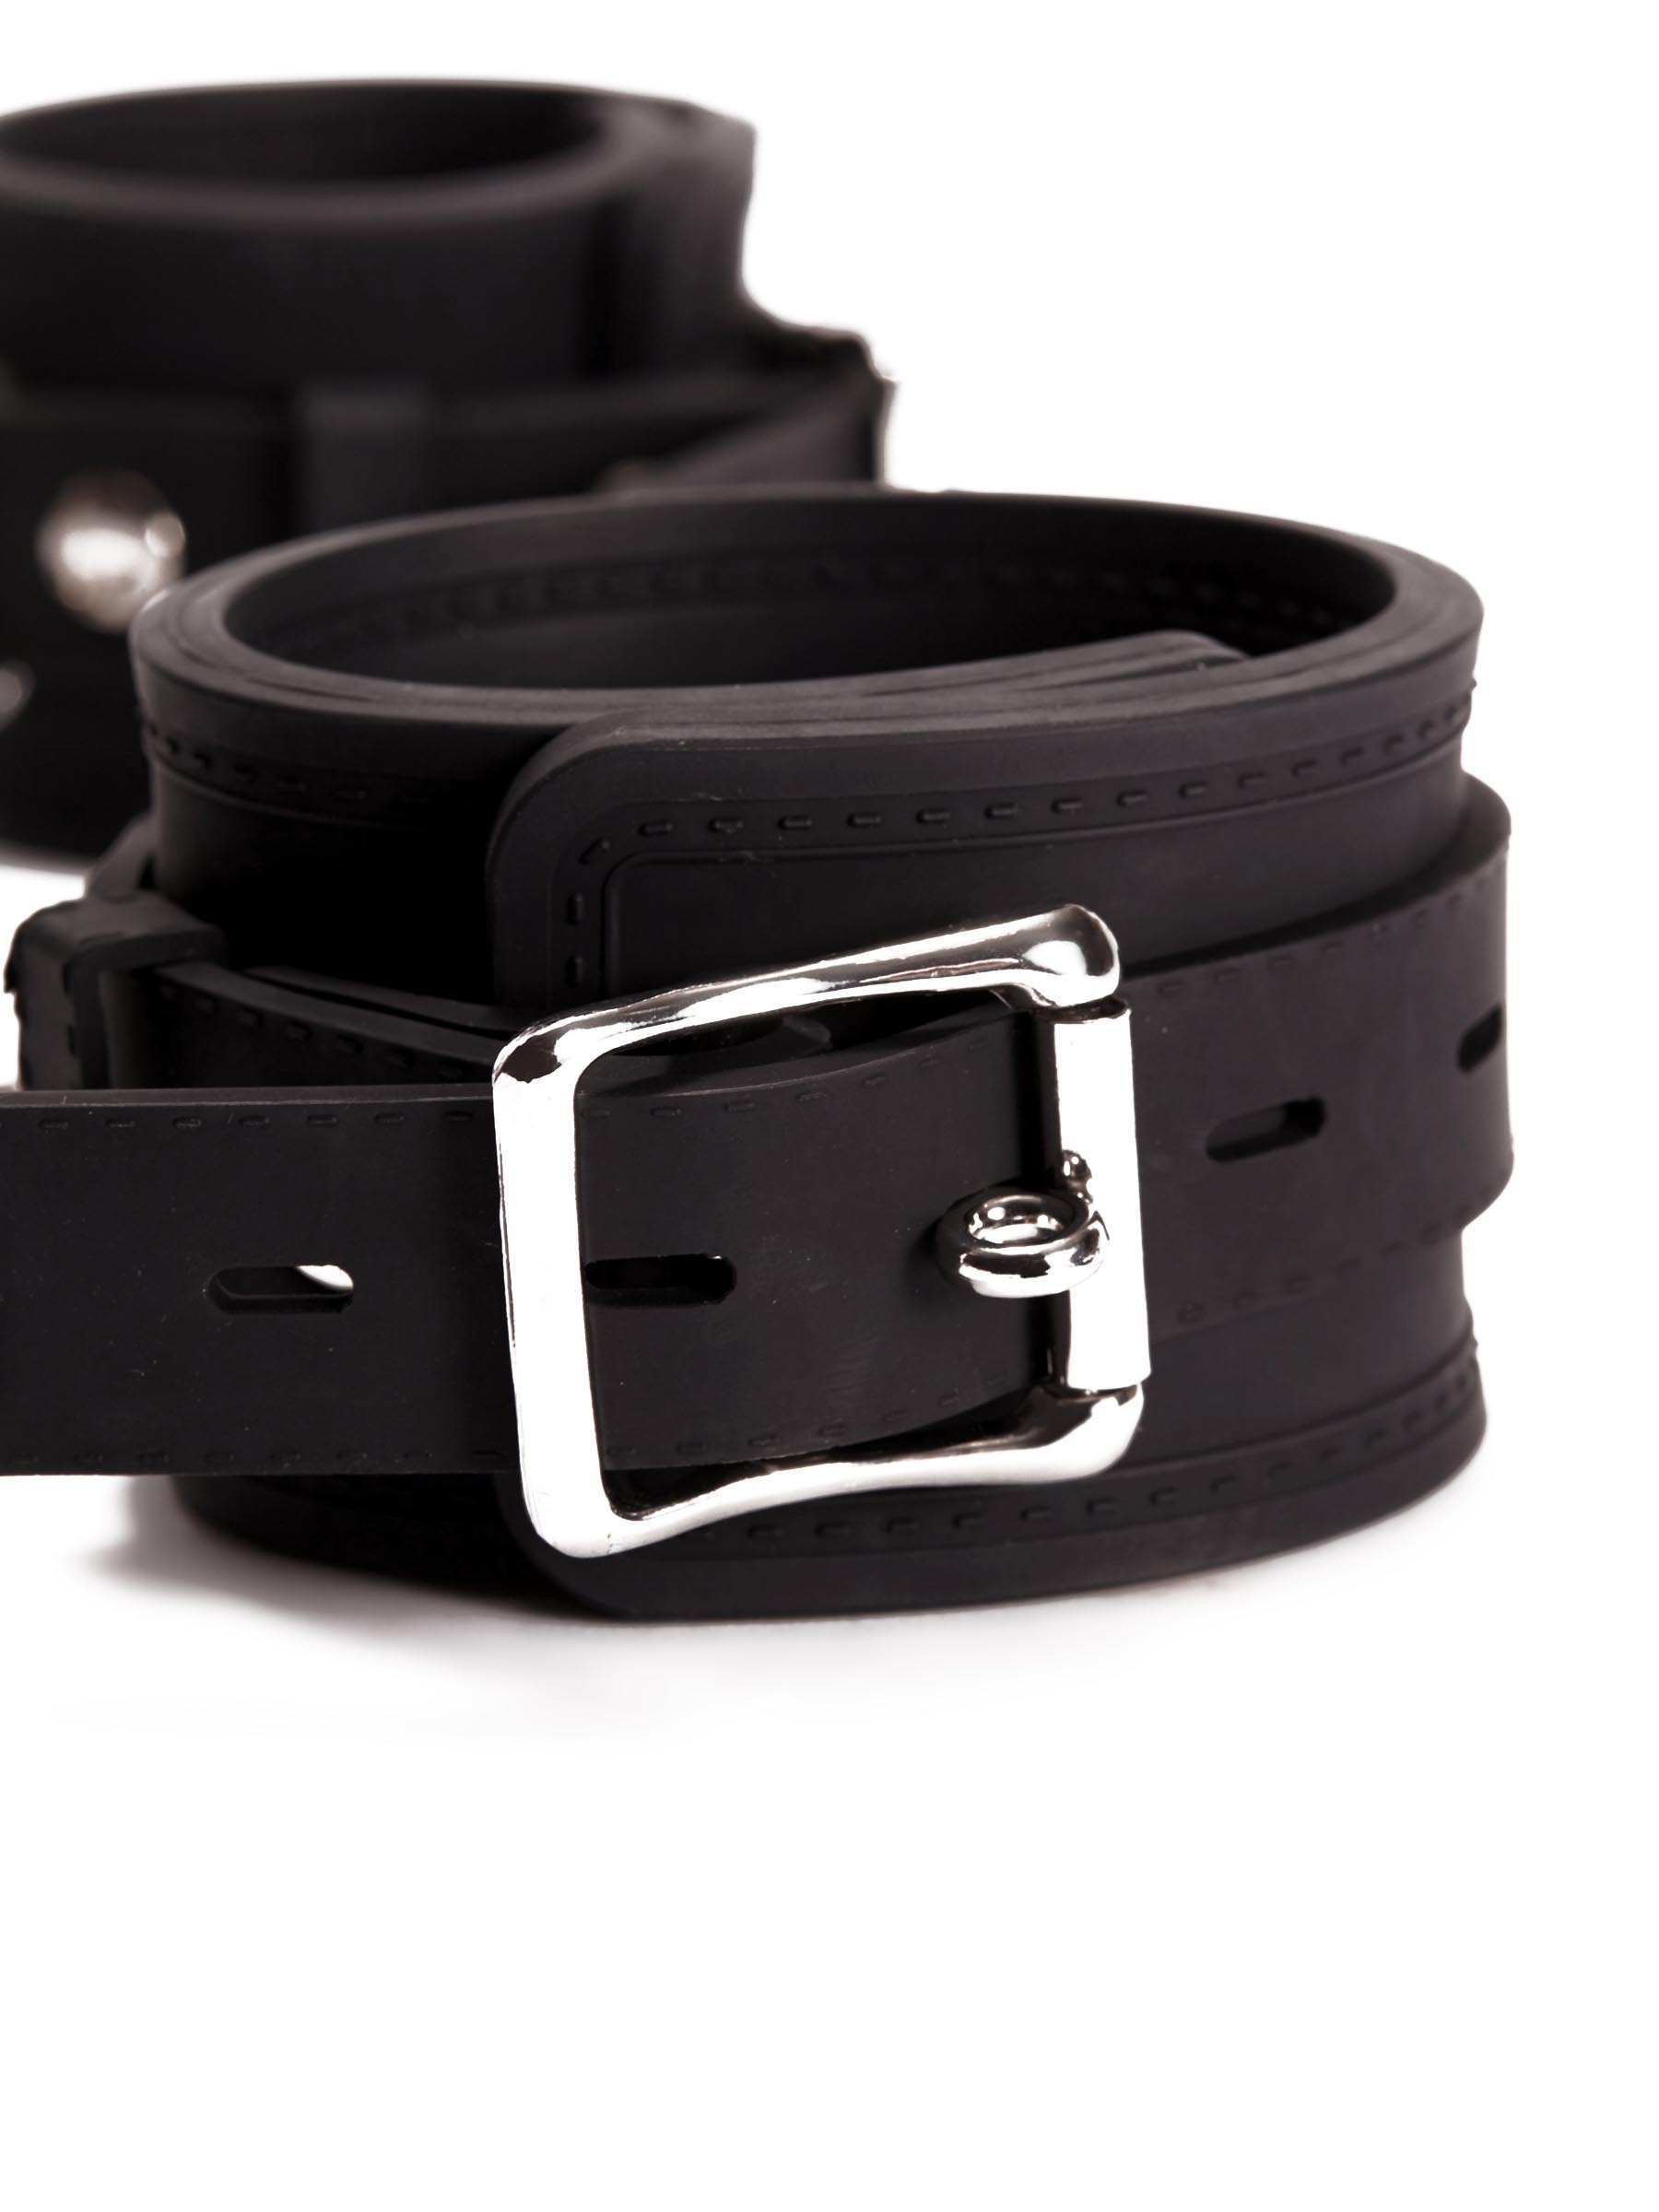 Pornhub Silicone Wrist Buckle Cuffs Black - Pornhub - 94872 - 5032264449191